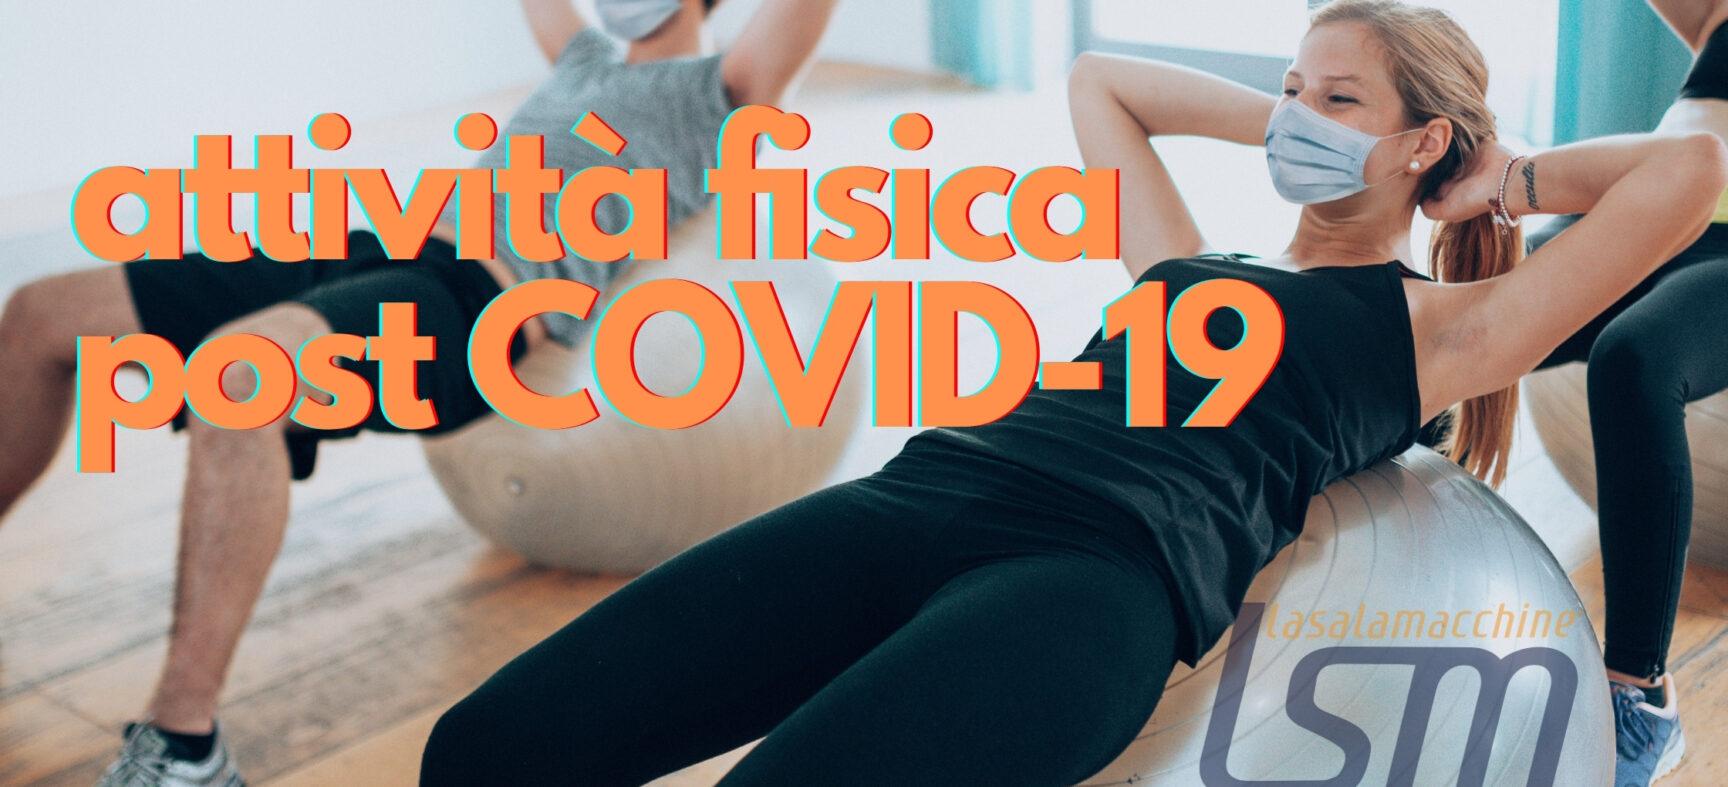 L'importanza dell'esercizio fisico per il recupero post COVID-19